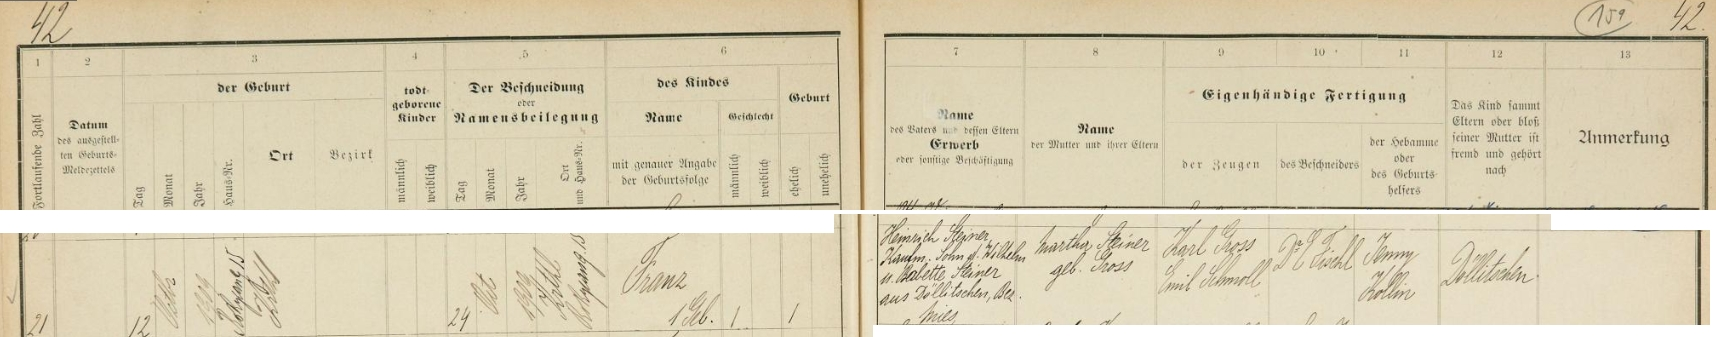 Podle tohoto záznamu židovské matriky z tehdy samostatného, dnes pražského Karlína se tu na adrese Karolinenthal, Rokycangasse 15 narodil dne 12. října roku 1909 a po obřízce 24. října dostal jméno Franz - otec Heinrich Steiner je uveden jako obchodník a syn Wilhelma Steinera a jeho ženy Babette, rodem z Telic (Döllitschen), okr. Stříbro (Mies), chlapcova matka Martha byla roz. Grossová, svědky při obřízce, kterou provedl Dr. E. Fischl, byli Karl Gross a Emil Schmoll, porodní bábou byla Jenny Kollinová